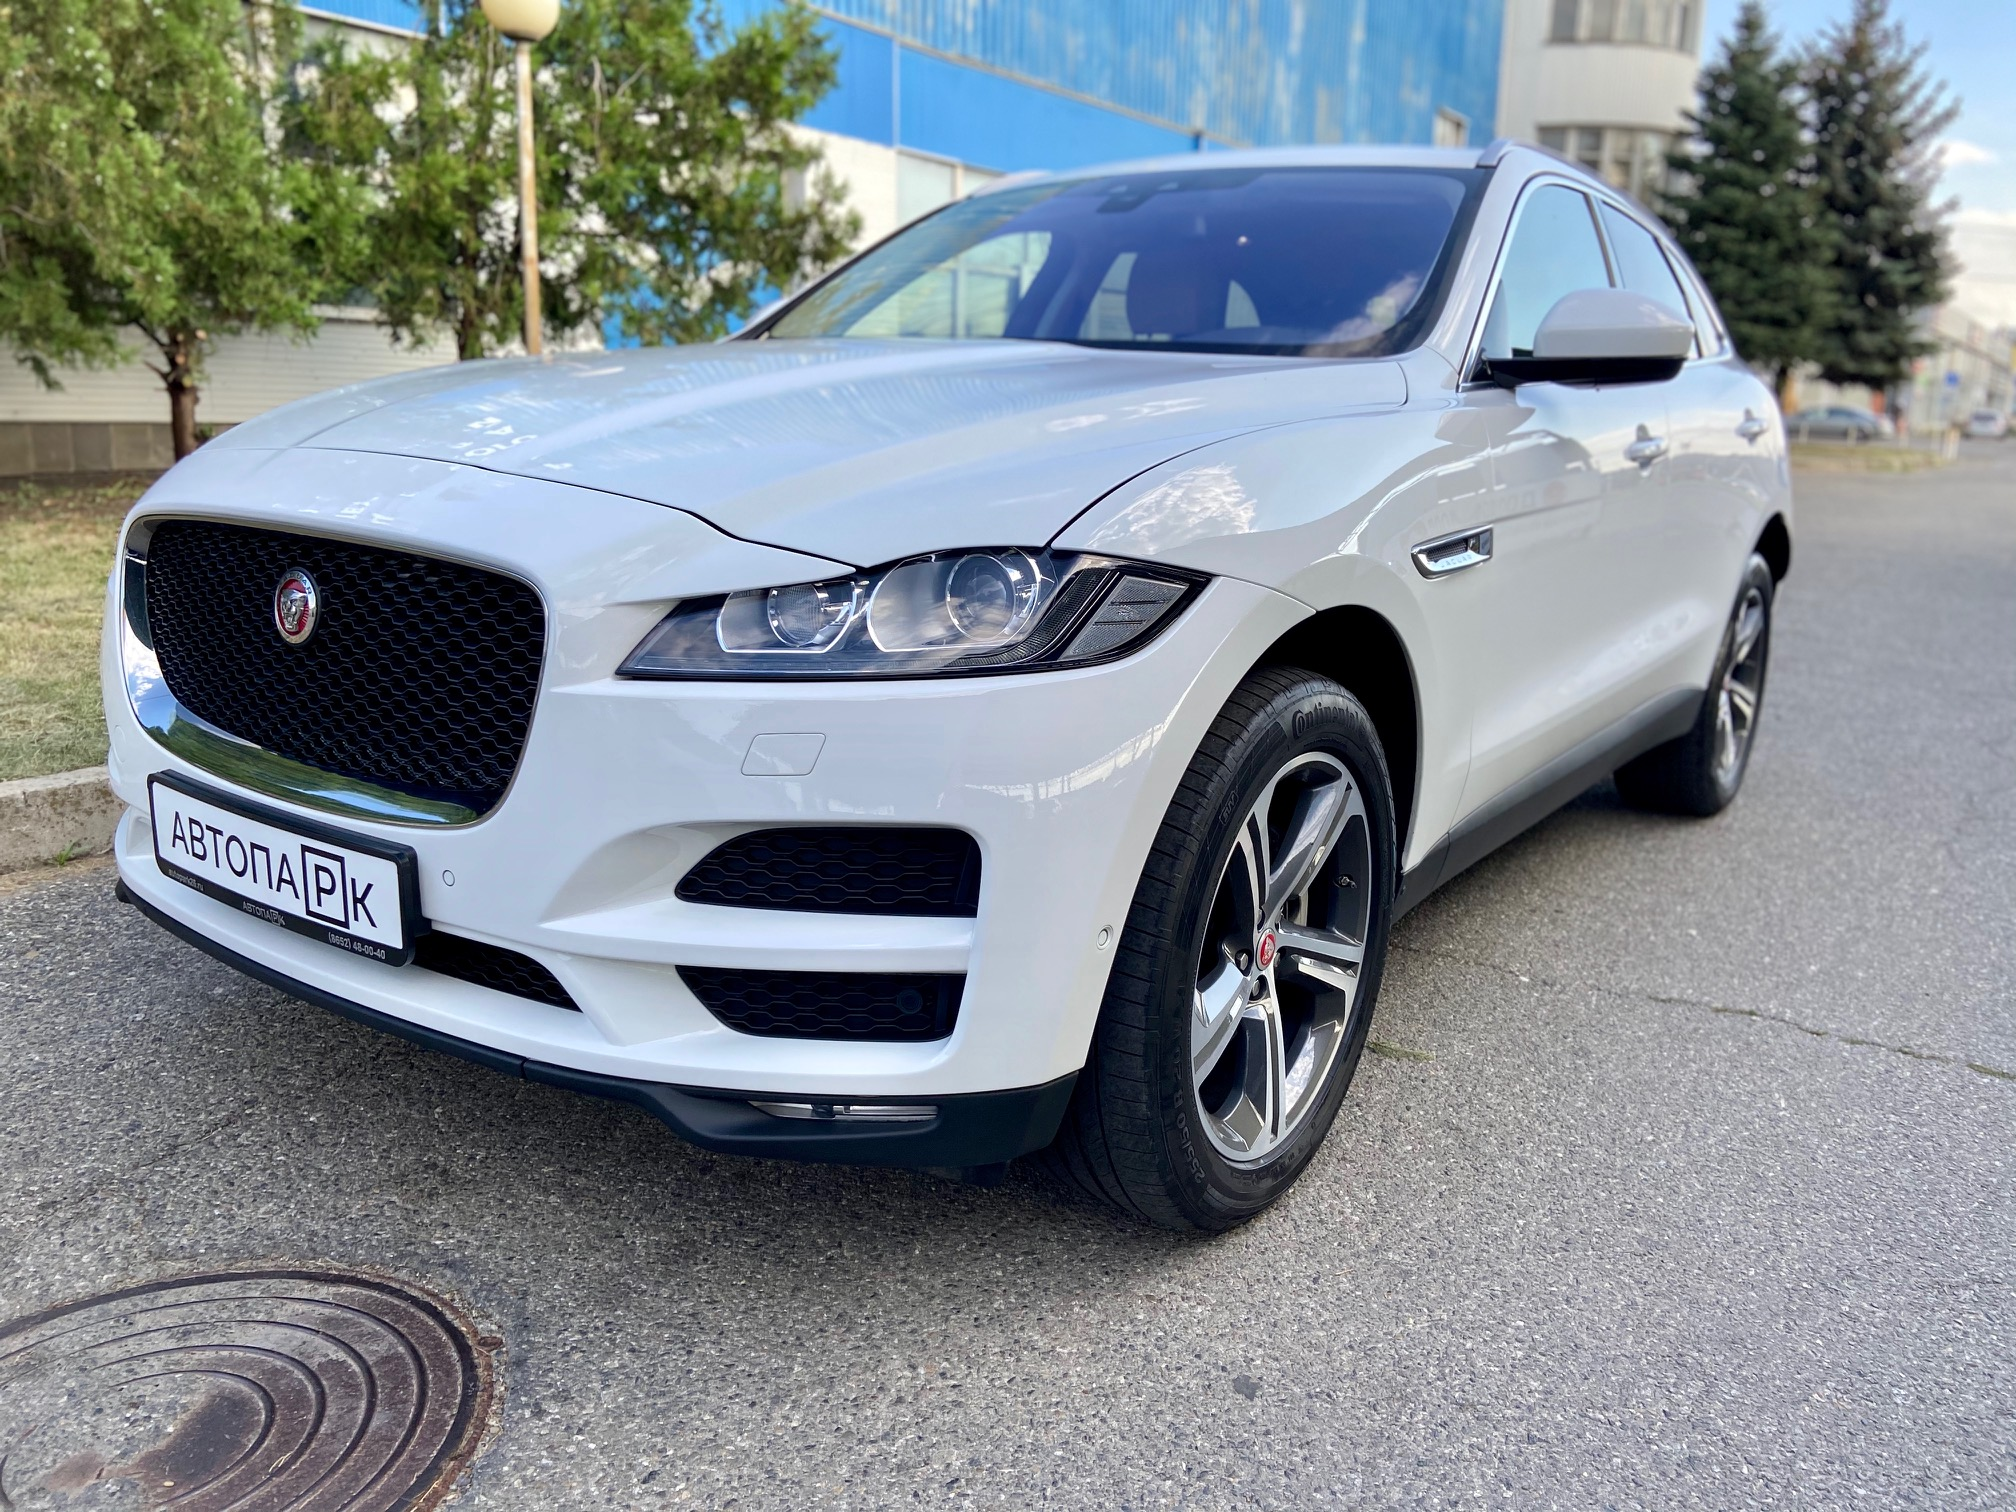 Купить Jaguar F-Pace (Белый) - Автопарк Ставрополь